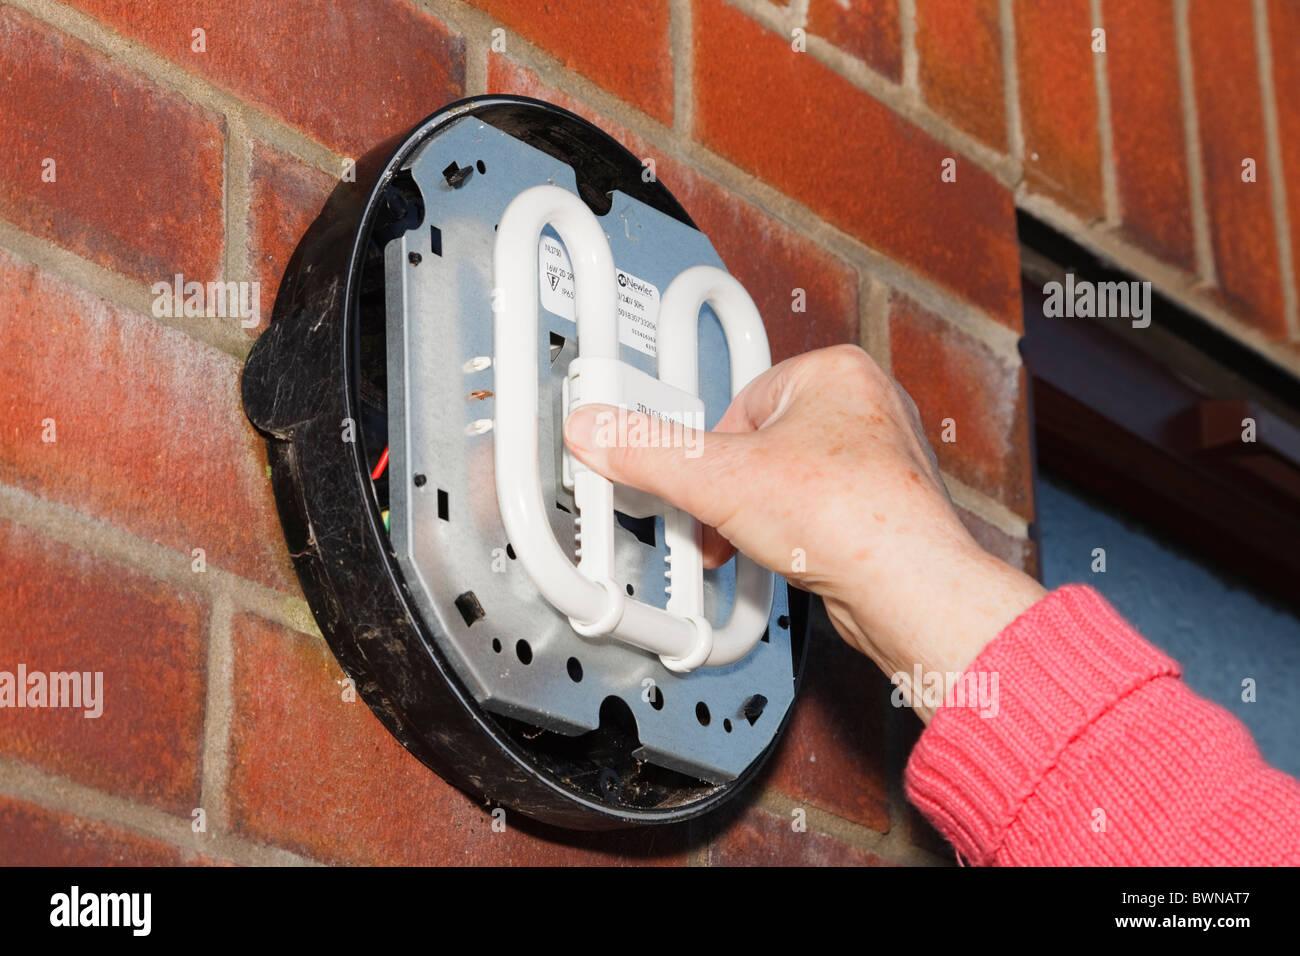 Il Regno Unito, l'Europa. Persona del montaggio di un risparmio energetico CFL a 2 pin della lampadina in una Immagini Stock